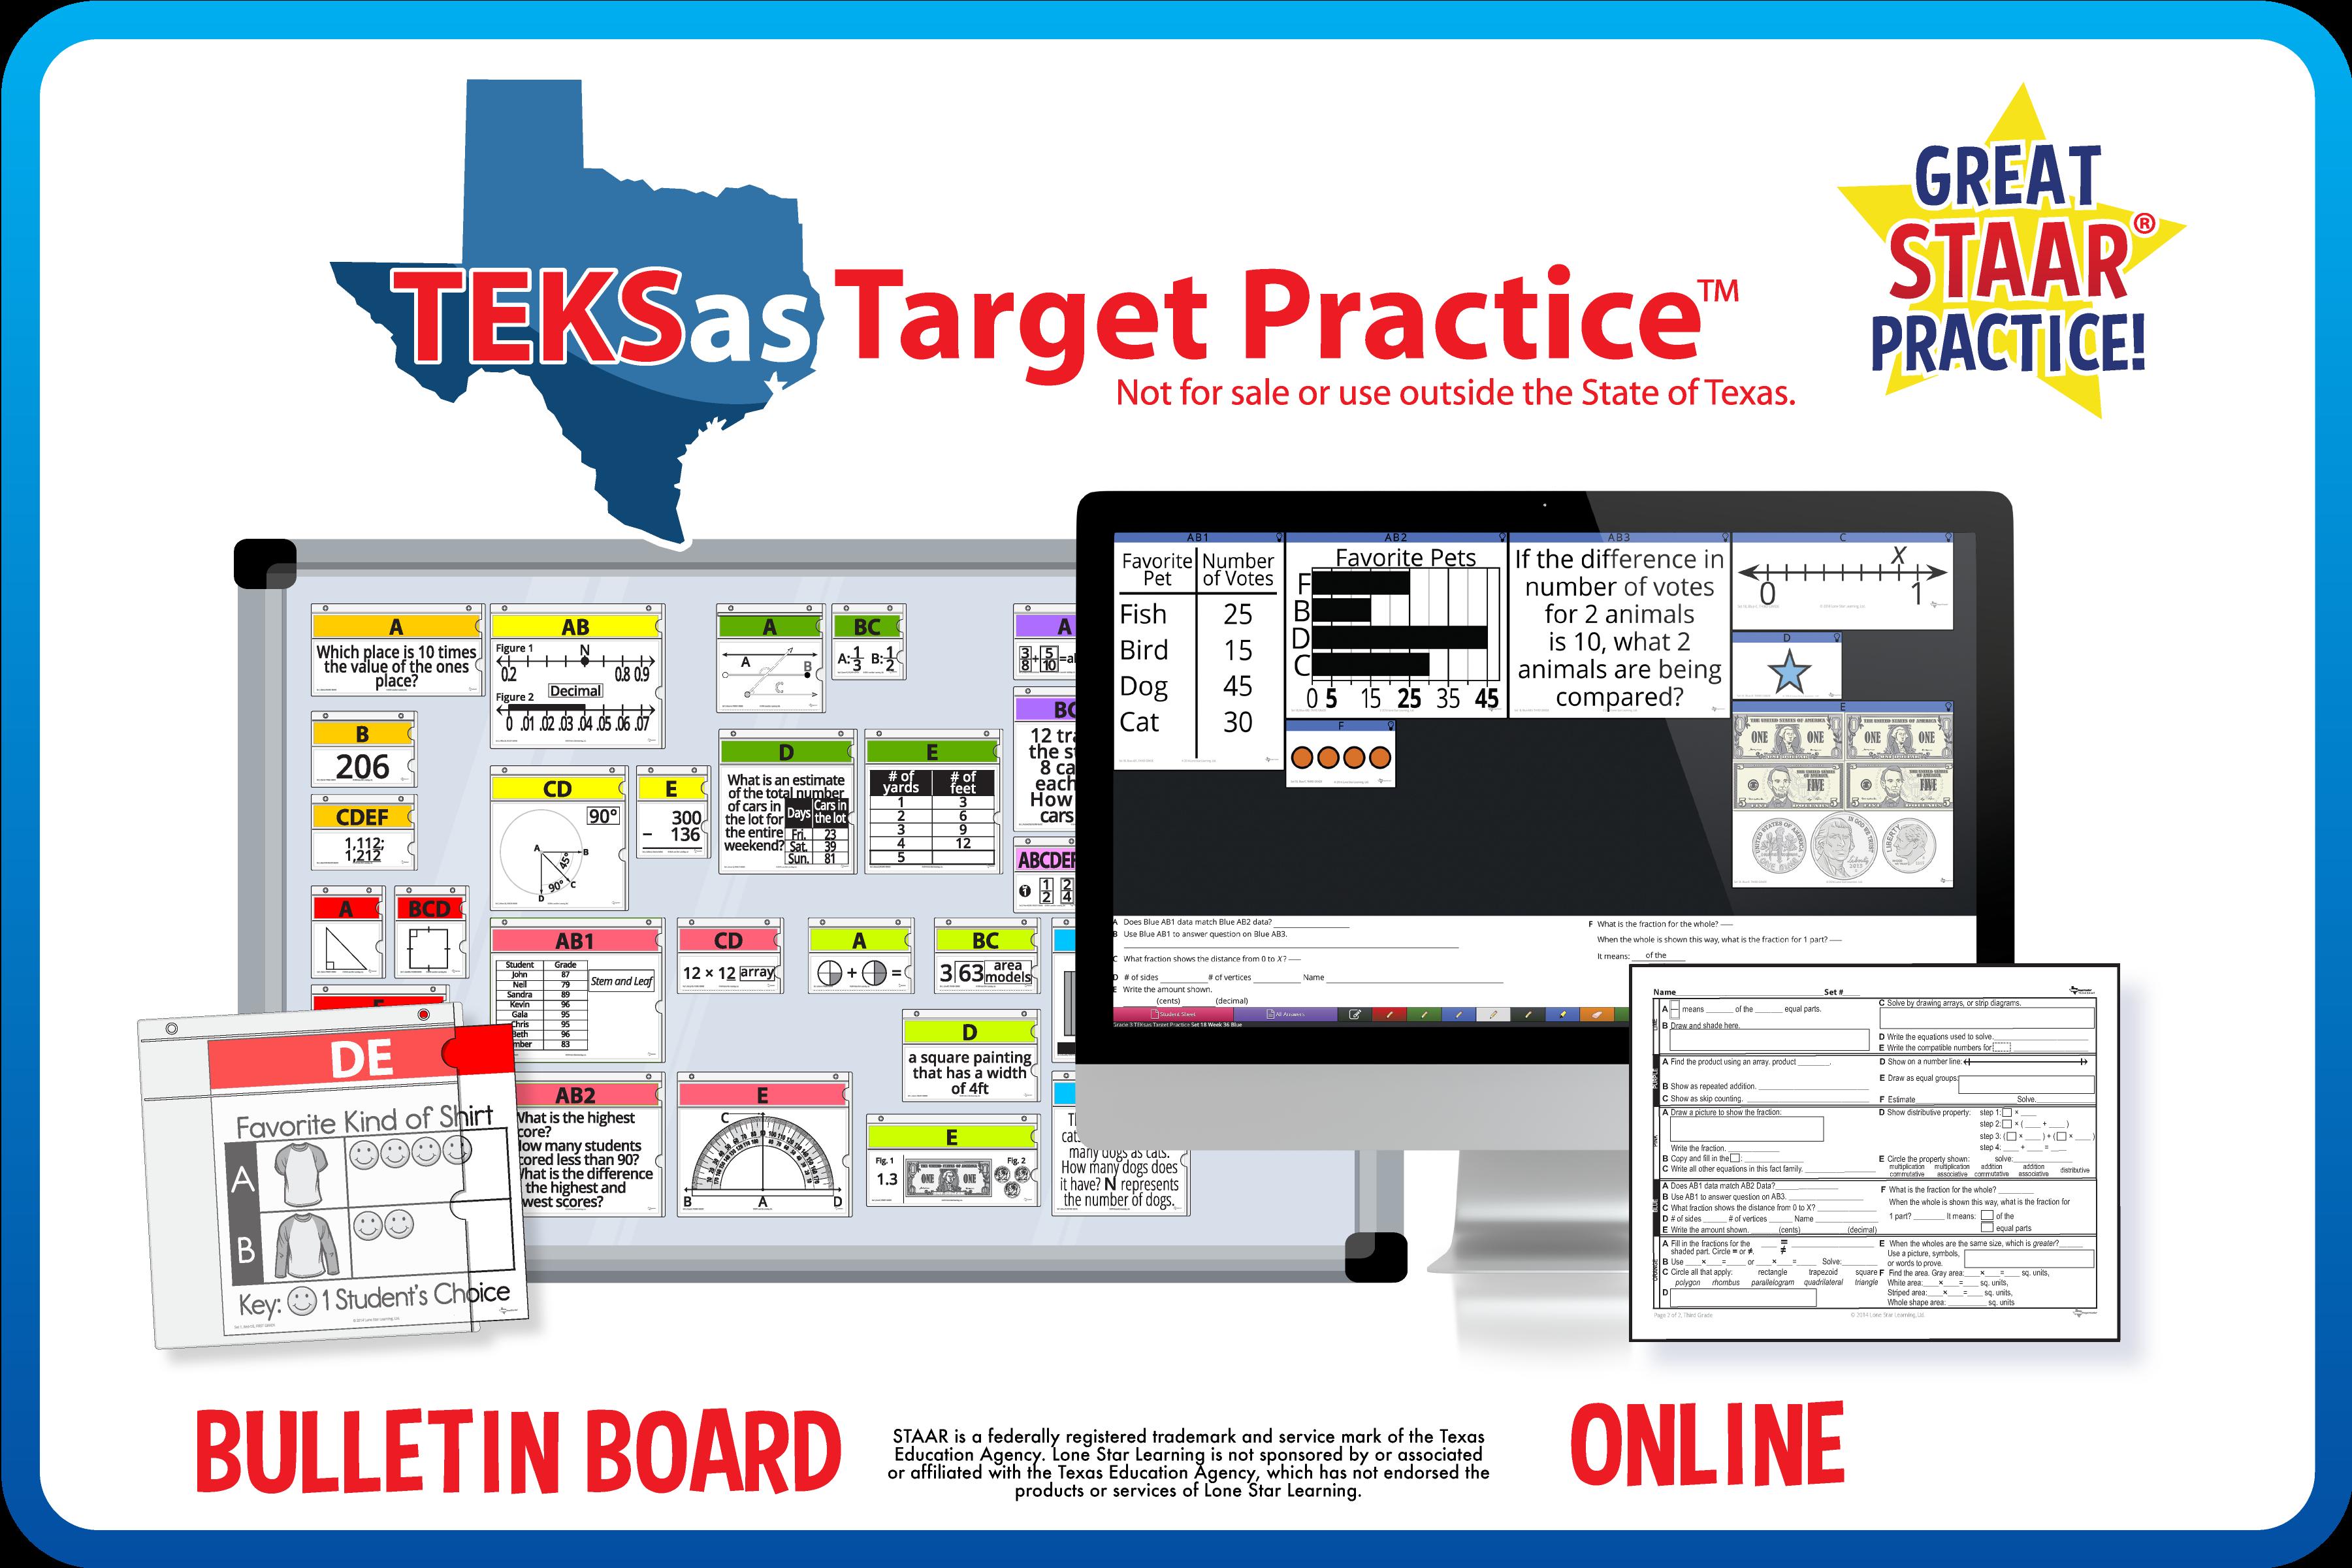 TEKSas Target Practice™